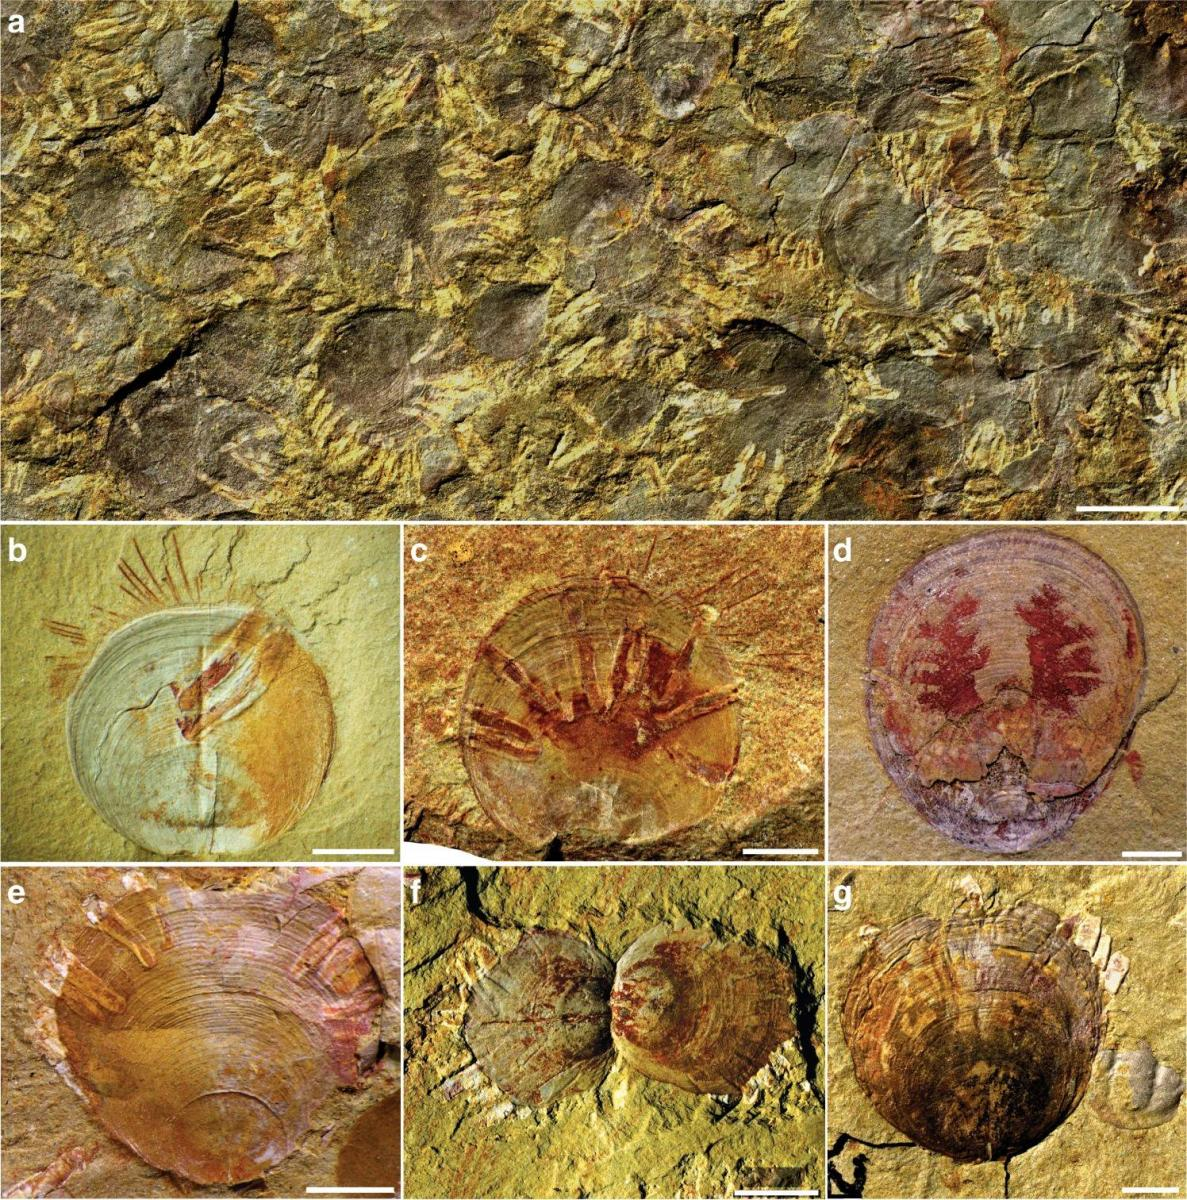 Feltárta a legrégebbi parazitát a földön, Műtéti siker a kora középkorból